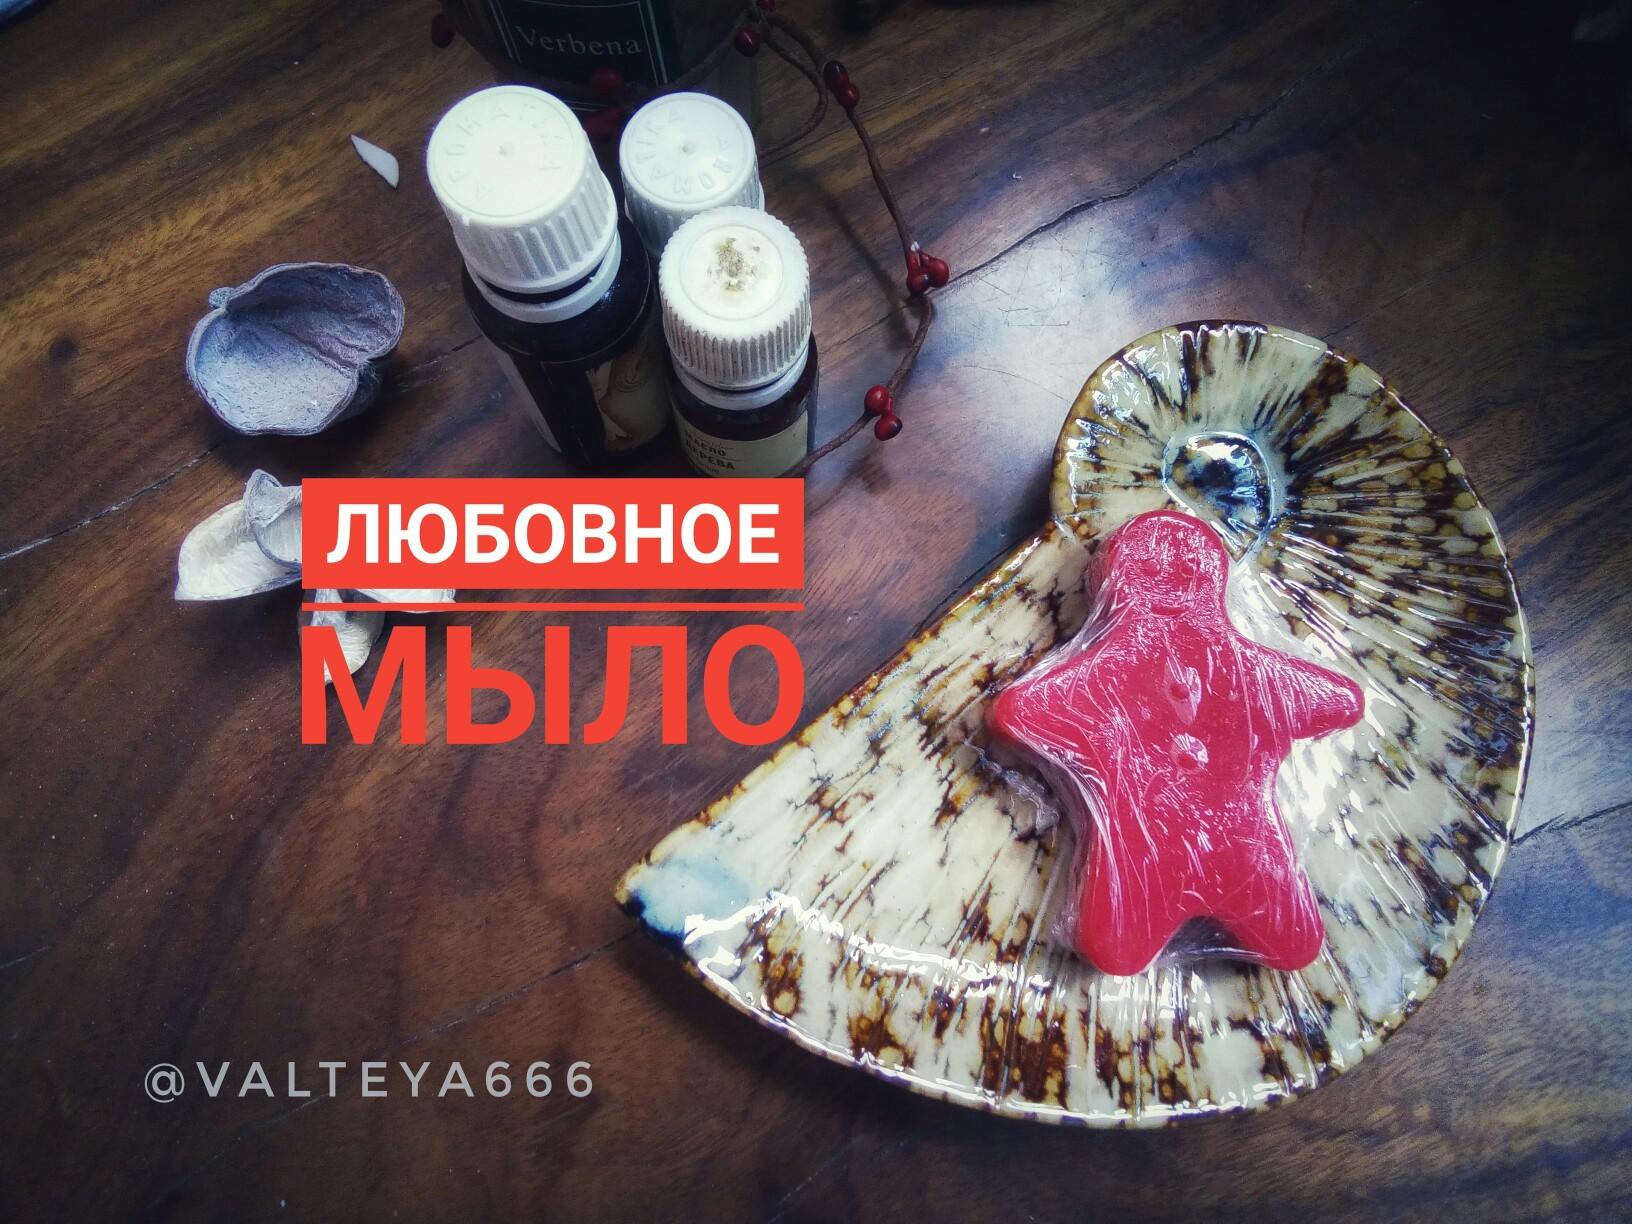 Хештег секс на   Салон Магии и мистики Елены Руденко ( Валтеи ). Киев ,тел: 0506251562  J1l96TpknuE